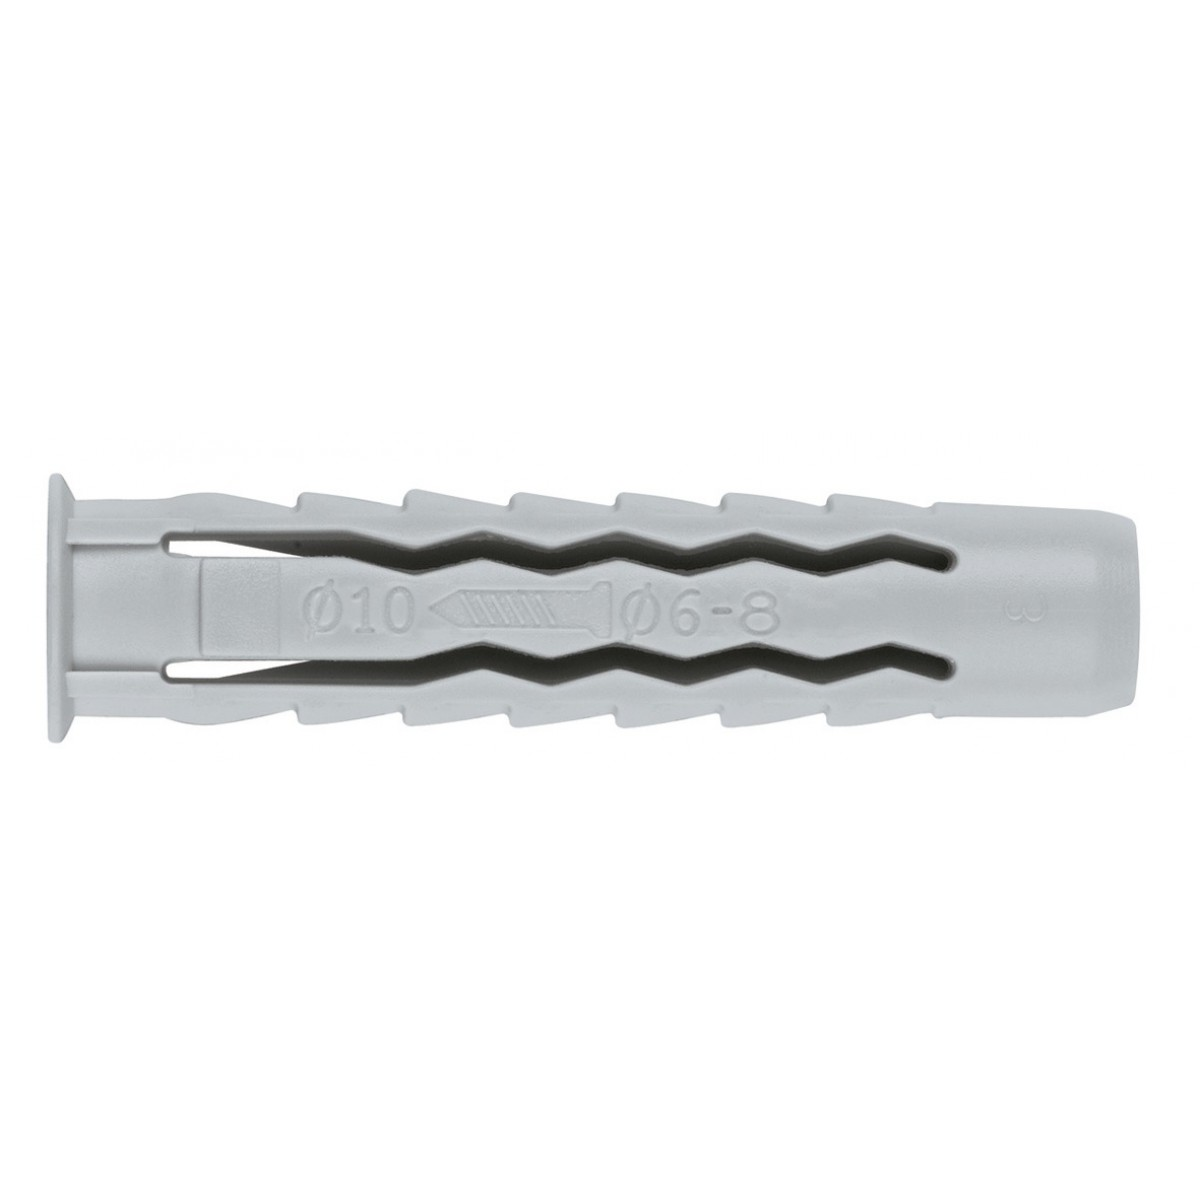 Cheville nylon quadruple expansion Fix'Pro - Longueur 50 mm - Diamètre 10 mm - Vendu par 10